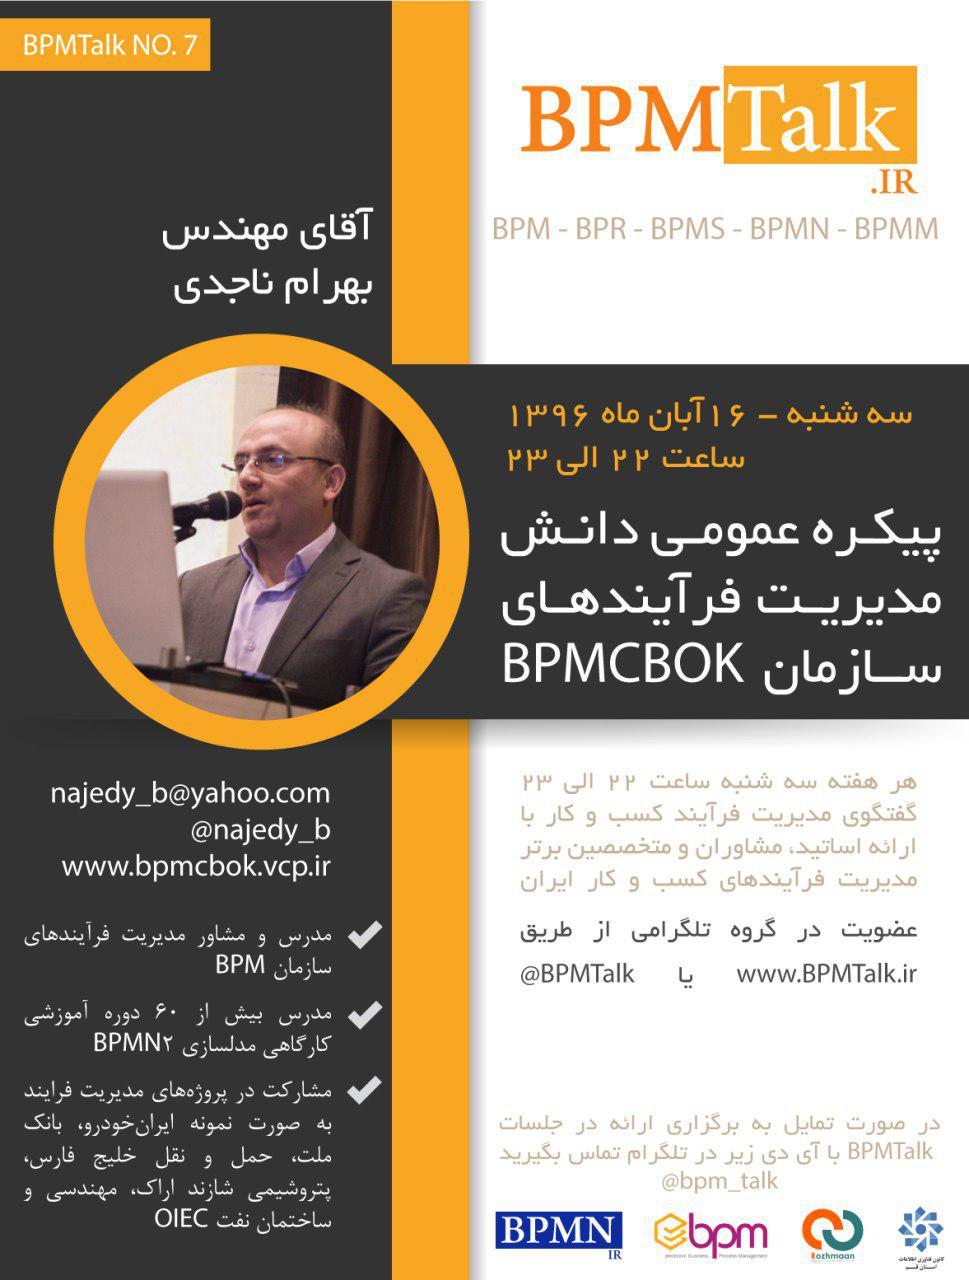 BPM Talk No.7: BPMCBOK